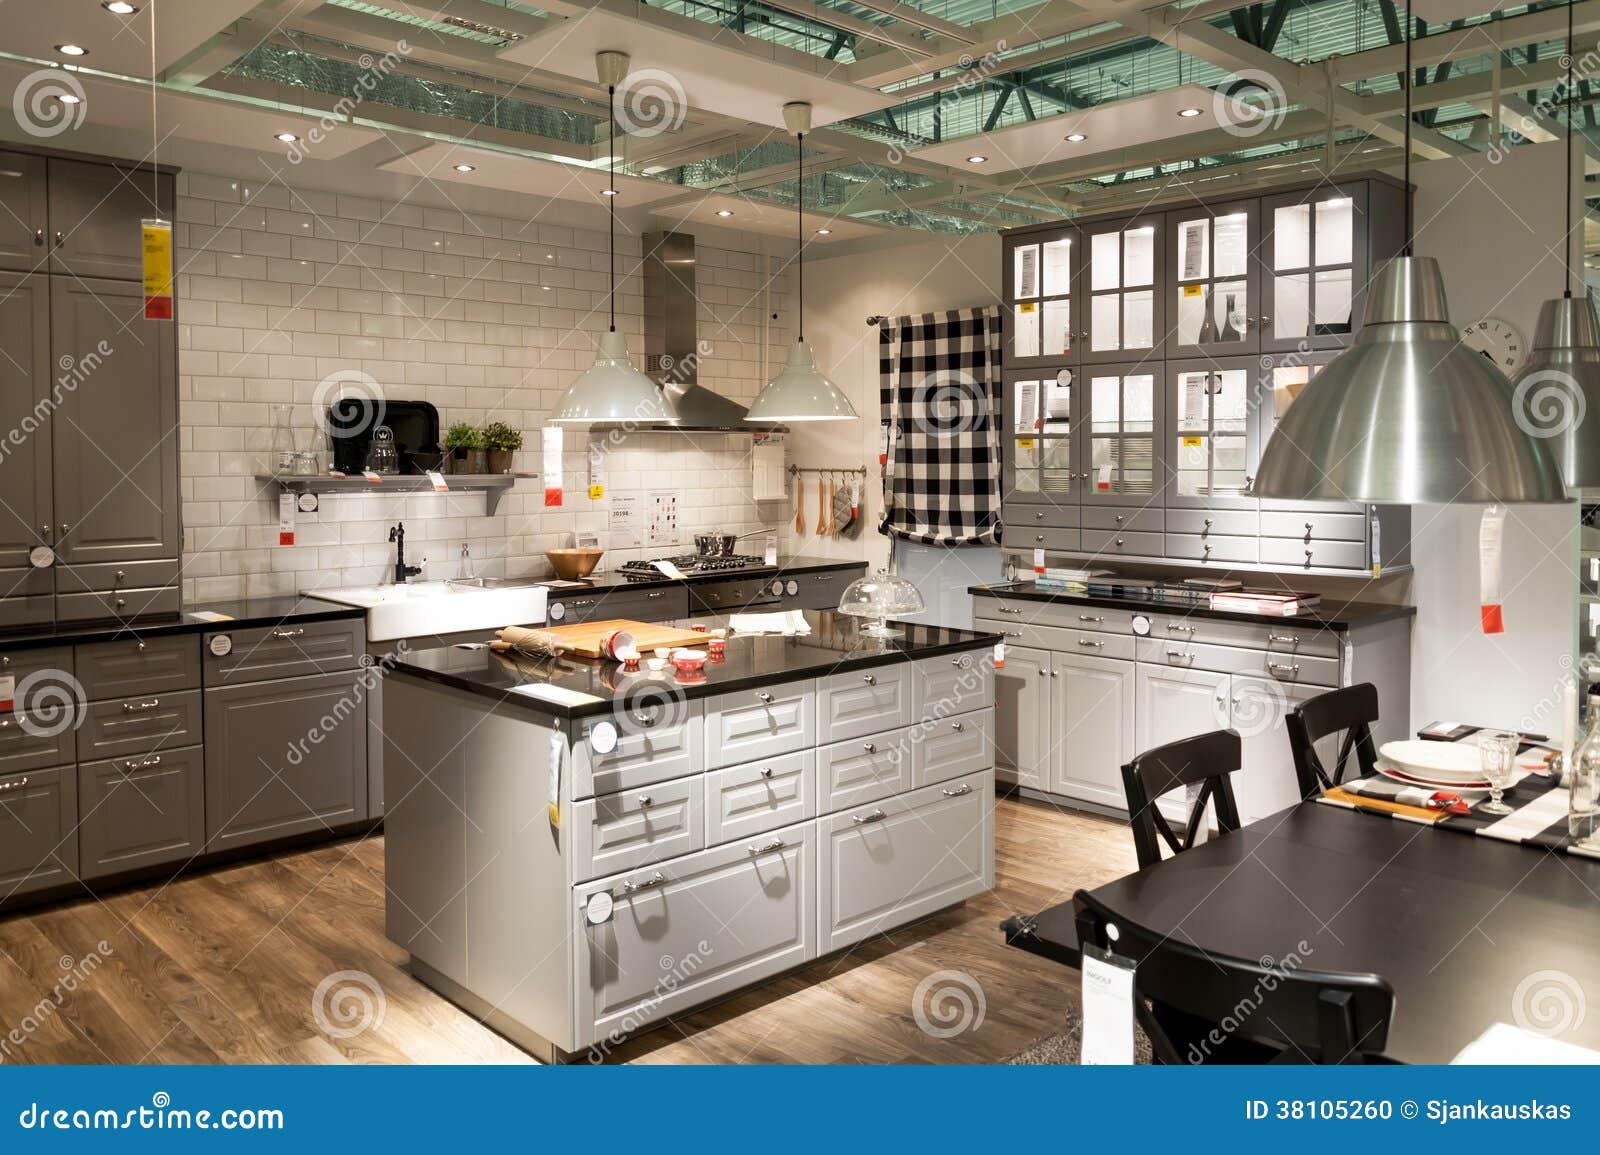 Cocina En La Tienda De Muebles Ikea Imagen editorial ...